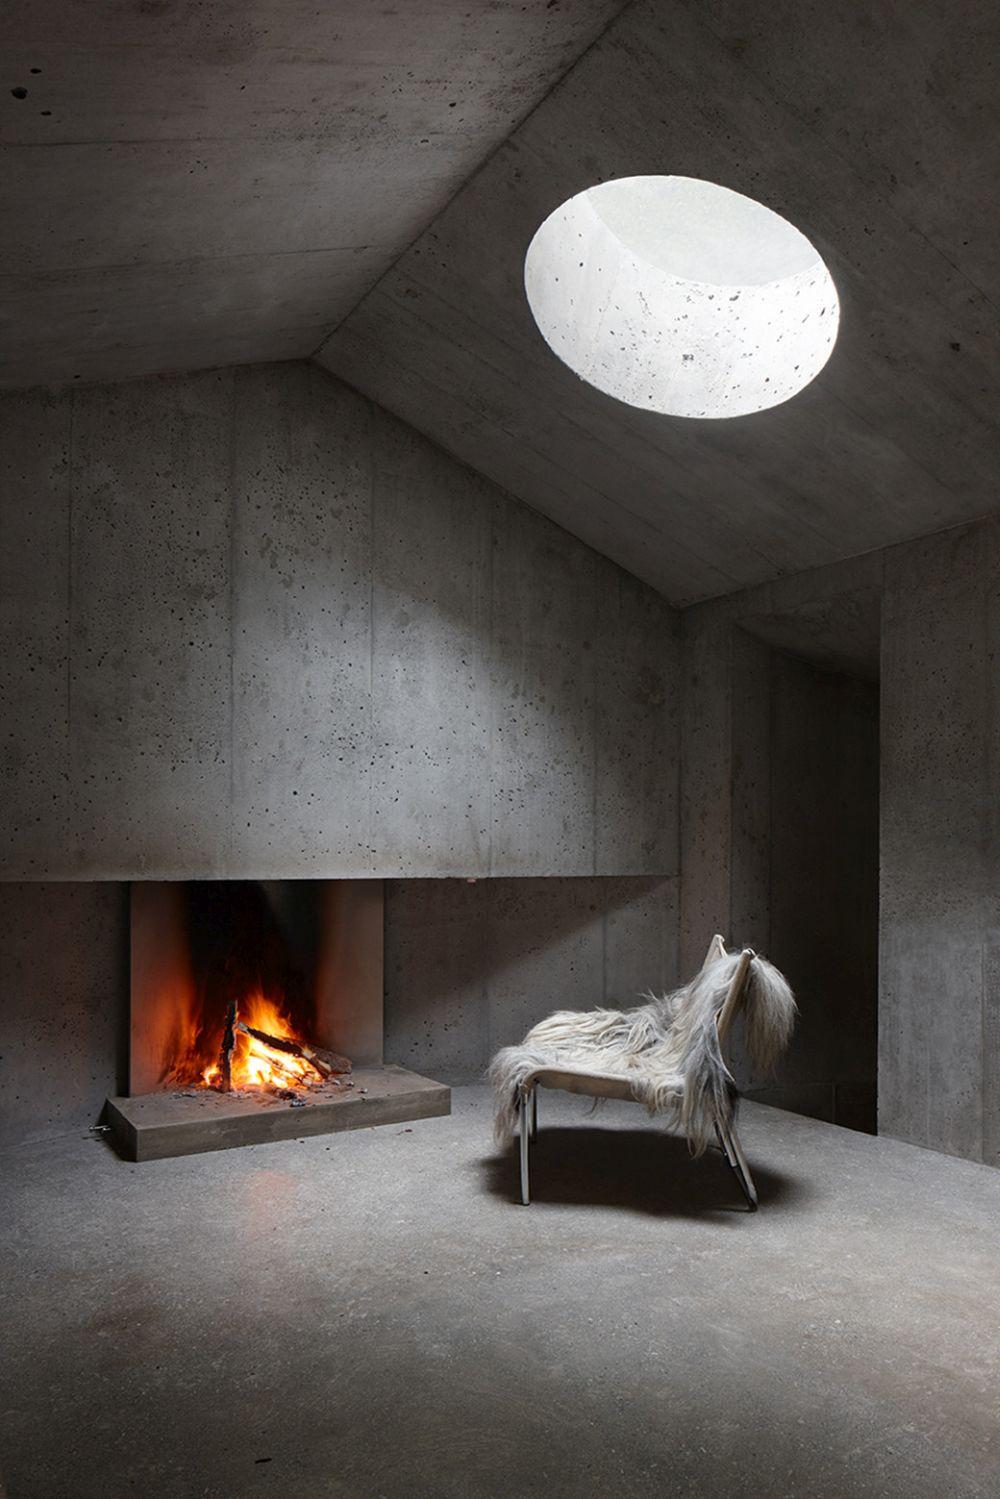 Concrete Refugi Lieptgas Fireplace